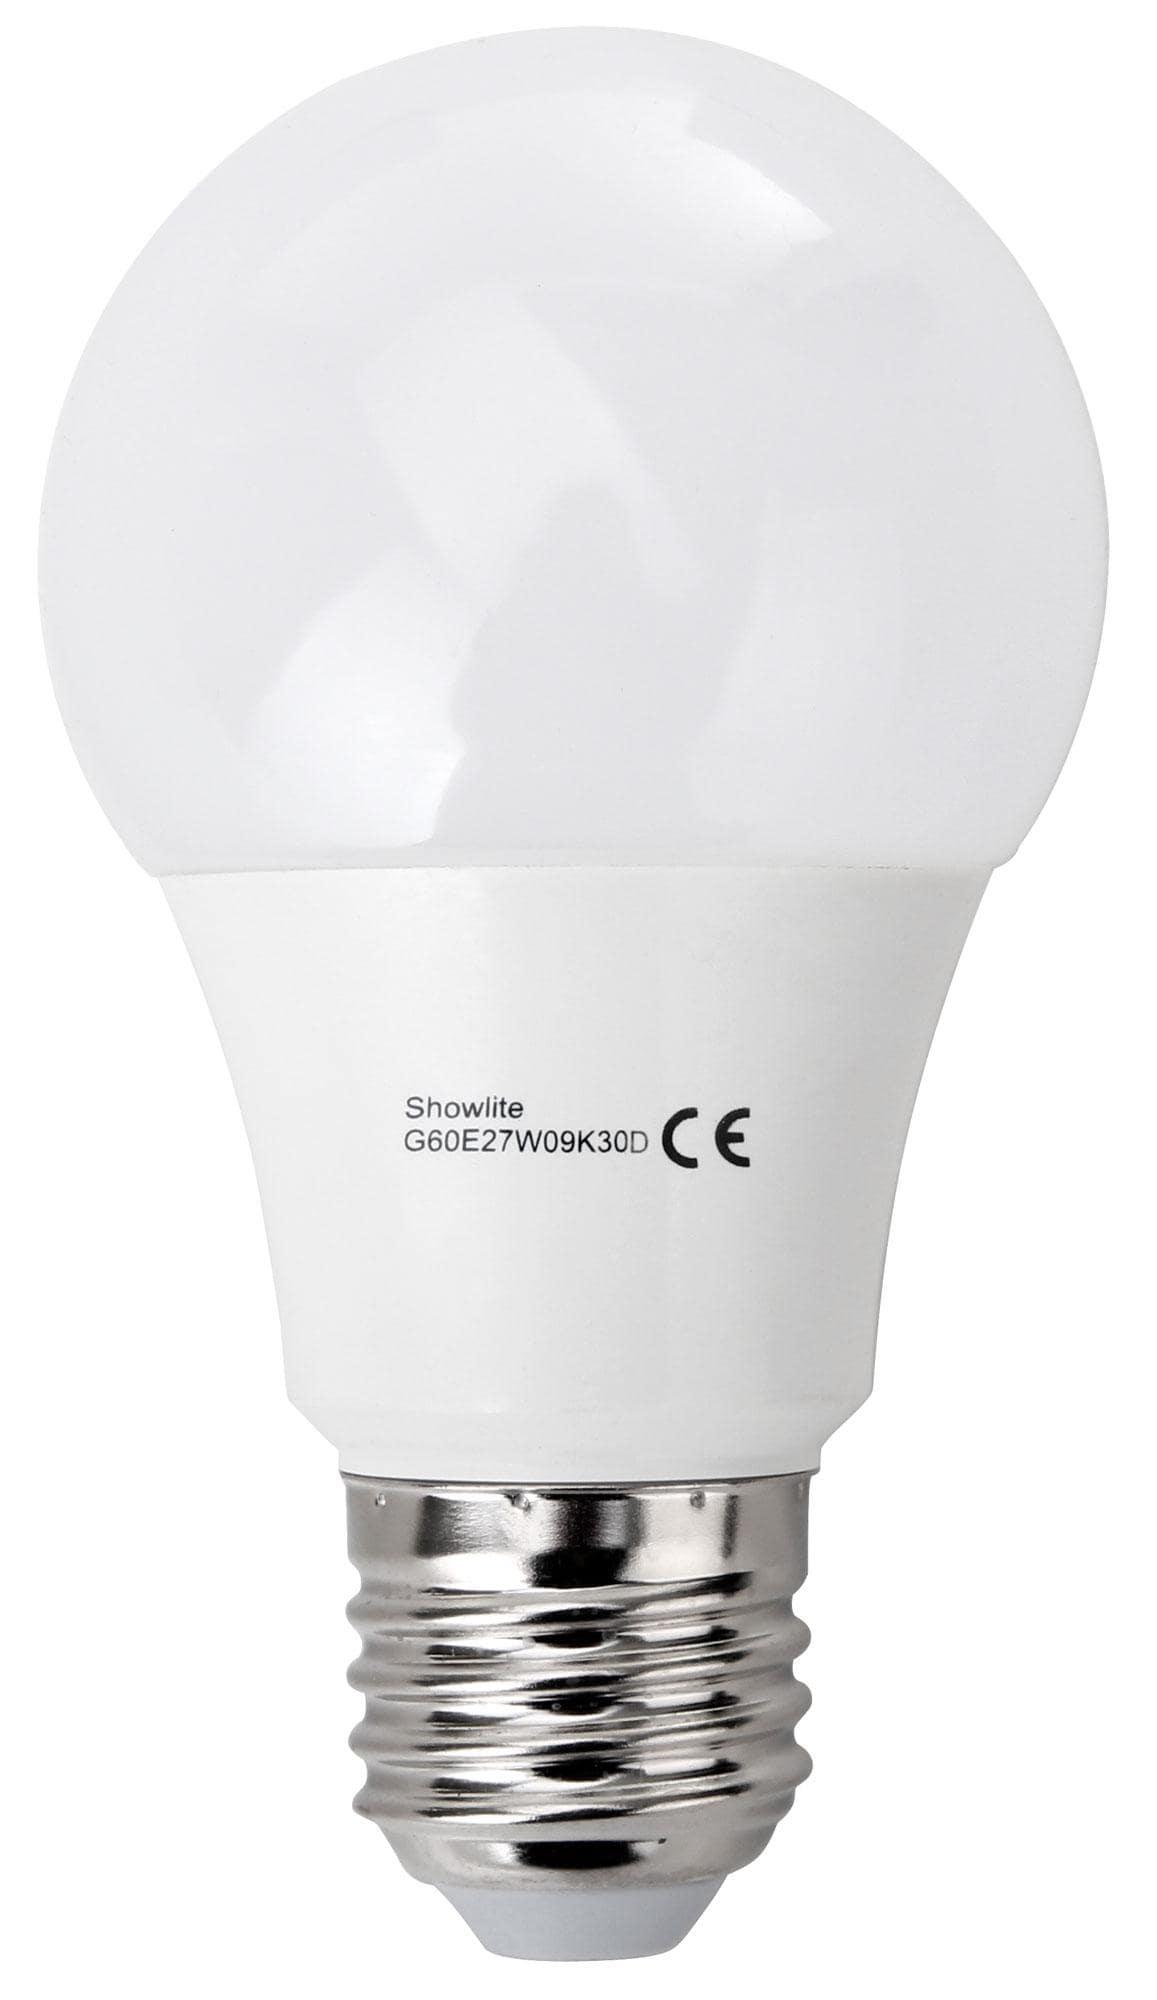 showlite led bulb g60e27w09k30d 9 watt 860 lumen e27 socket 3000 kelvin dimmable. Black Bedroom Furniture Sets. Home Design Ideas